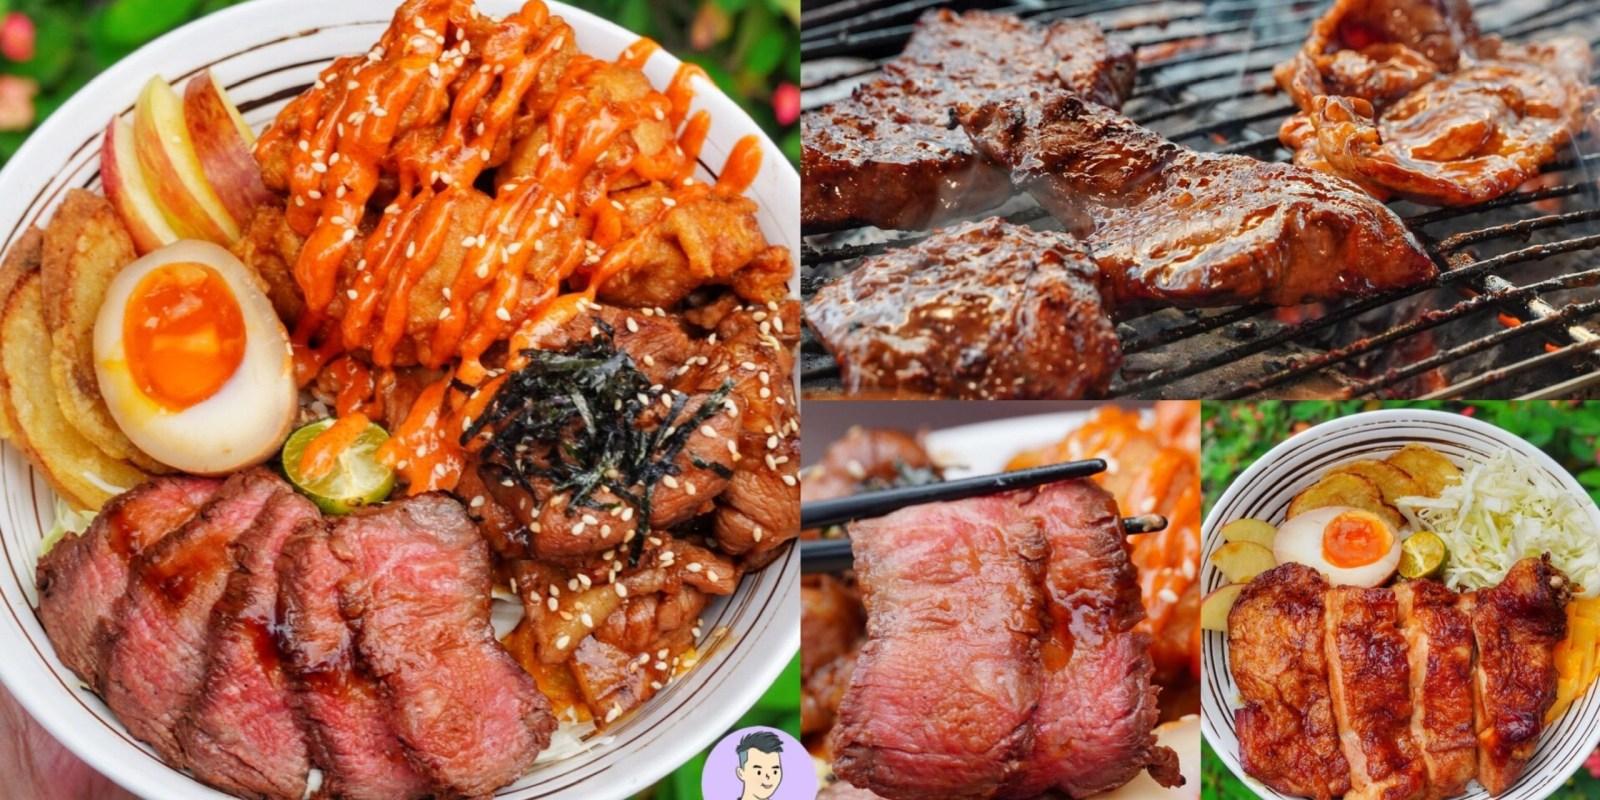 【嘉義美食】肉嘞 嘉義又一間厲害的燒肉丼飯!! 免300元就能品嘗到和牛,烤的香噴噴超誘人 肉肉控必吃!